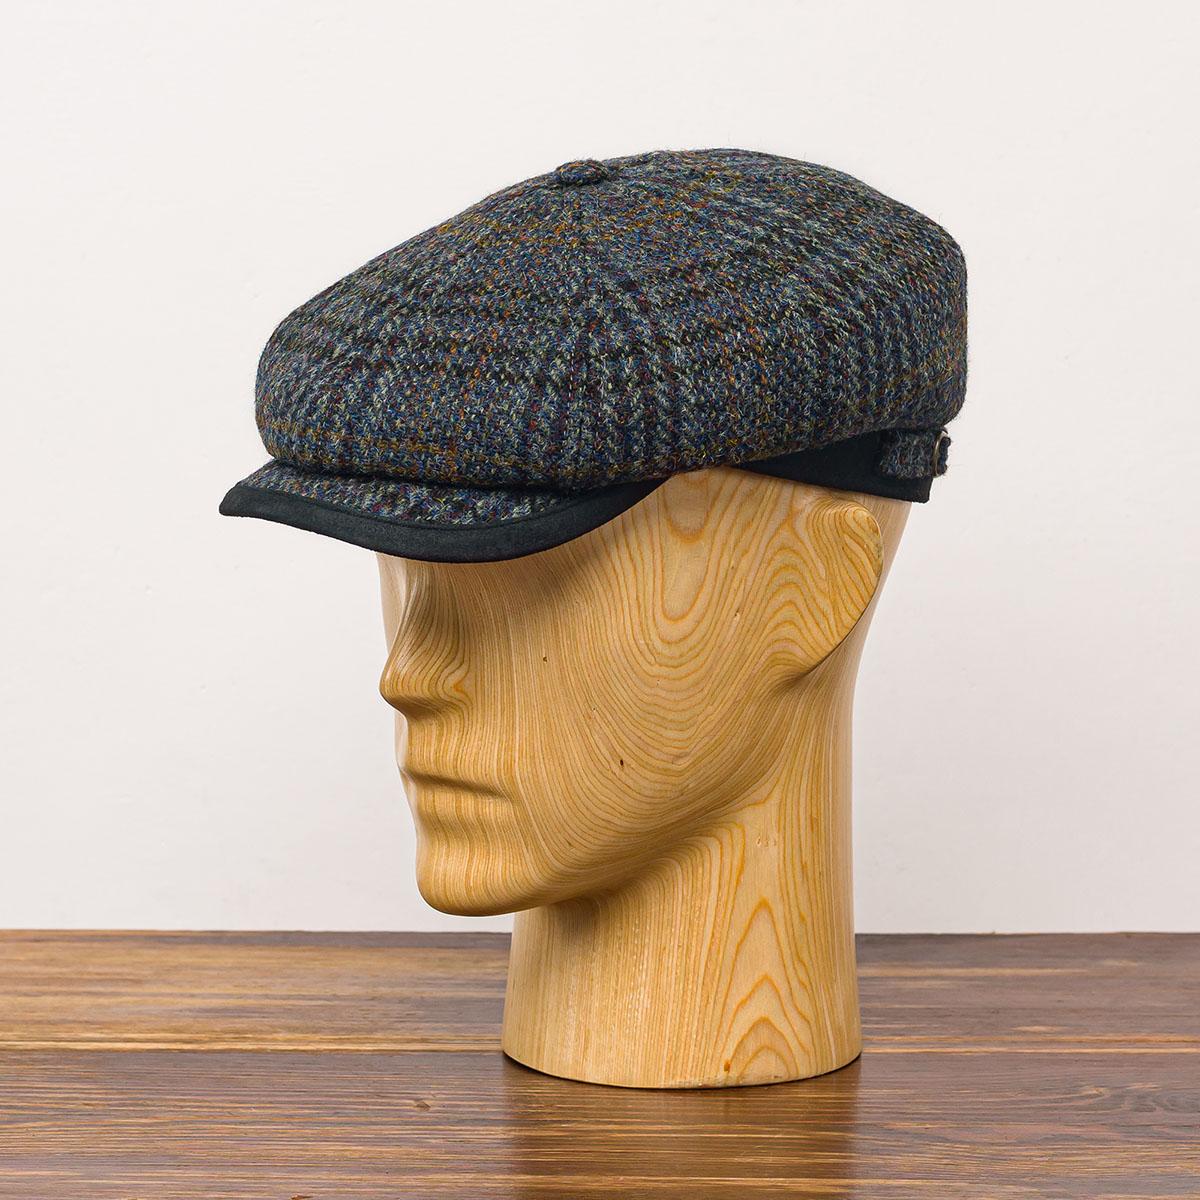 Malone - männer kopfbedeckung, trendige mützen, harris tweed mützen